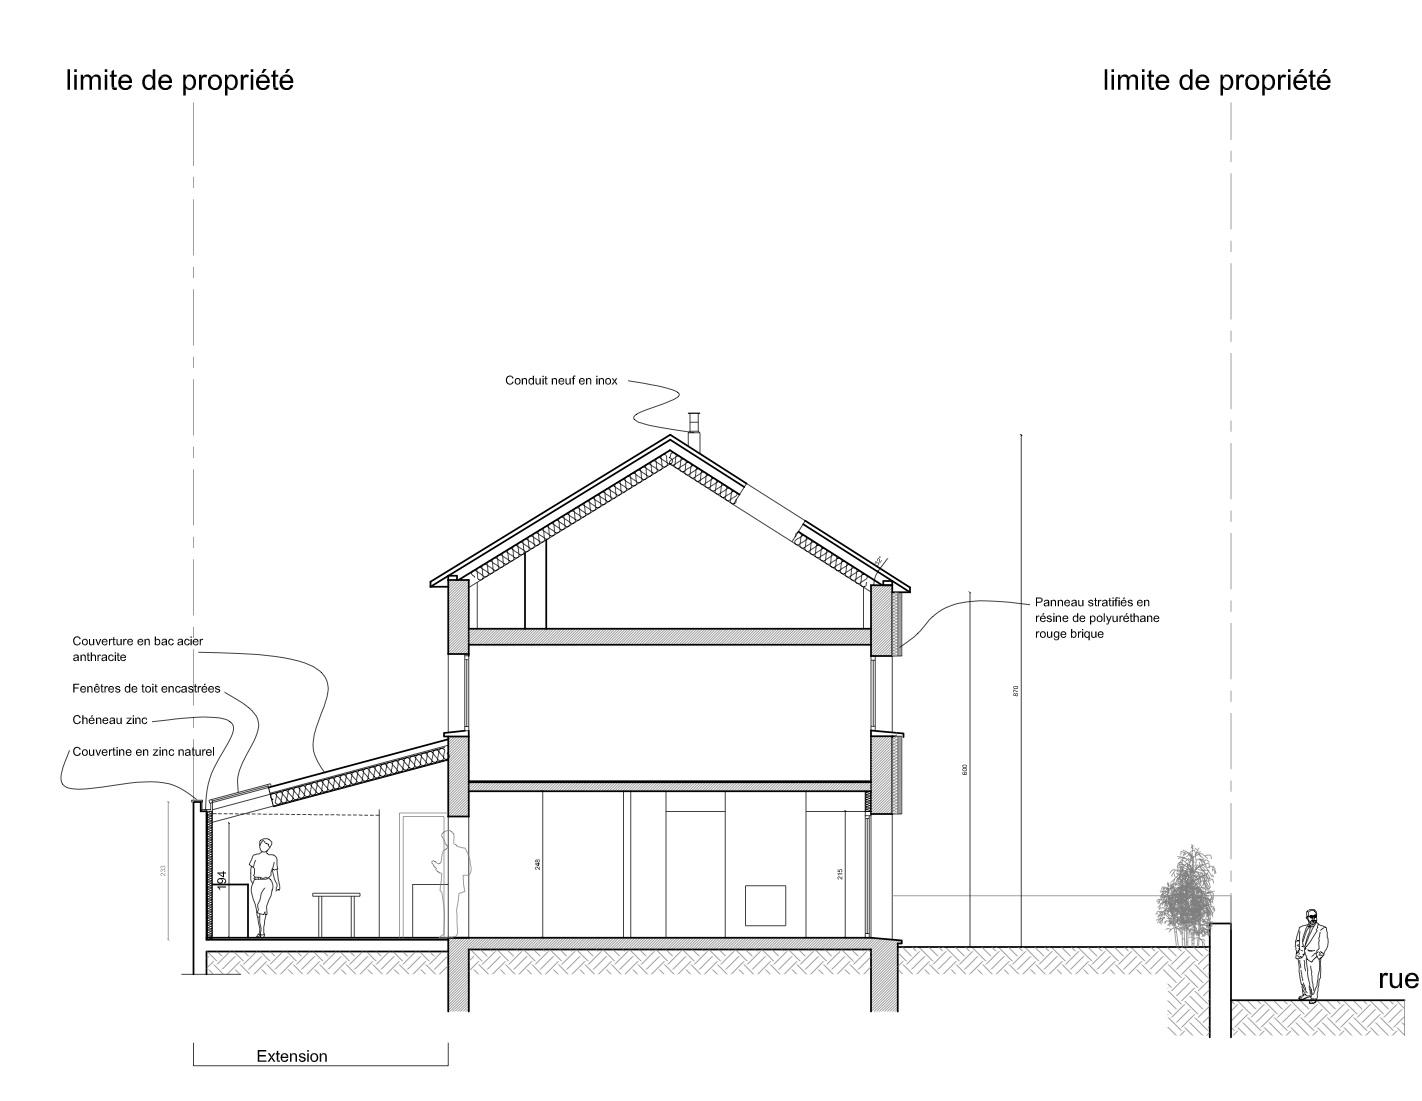 coupe jean hugues berville architecte rouen. Black Bedroom Furniture Sets. Home Design Ideas